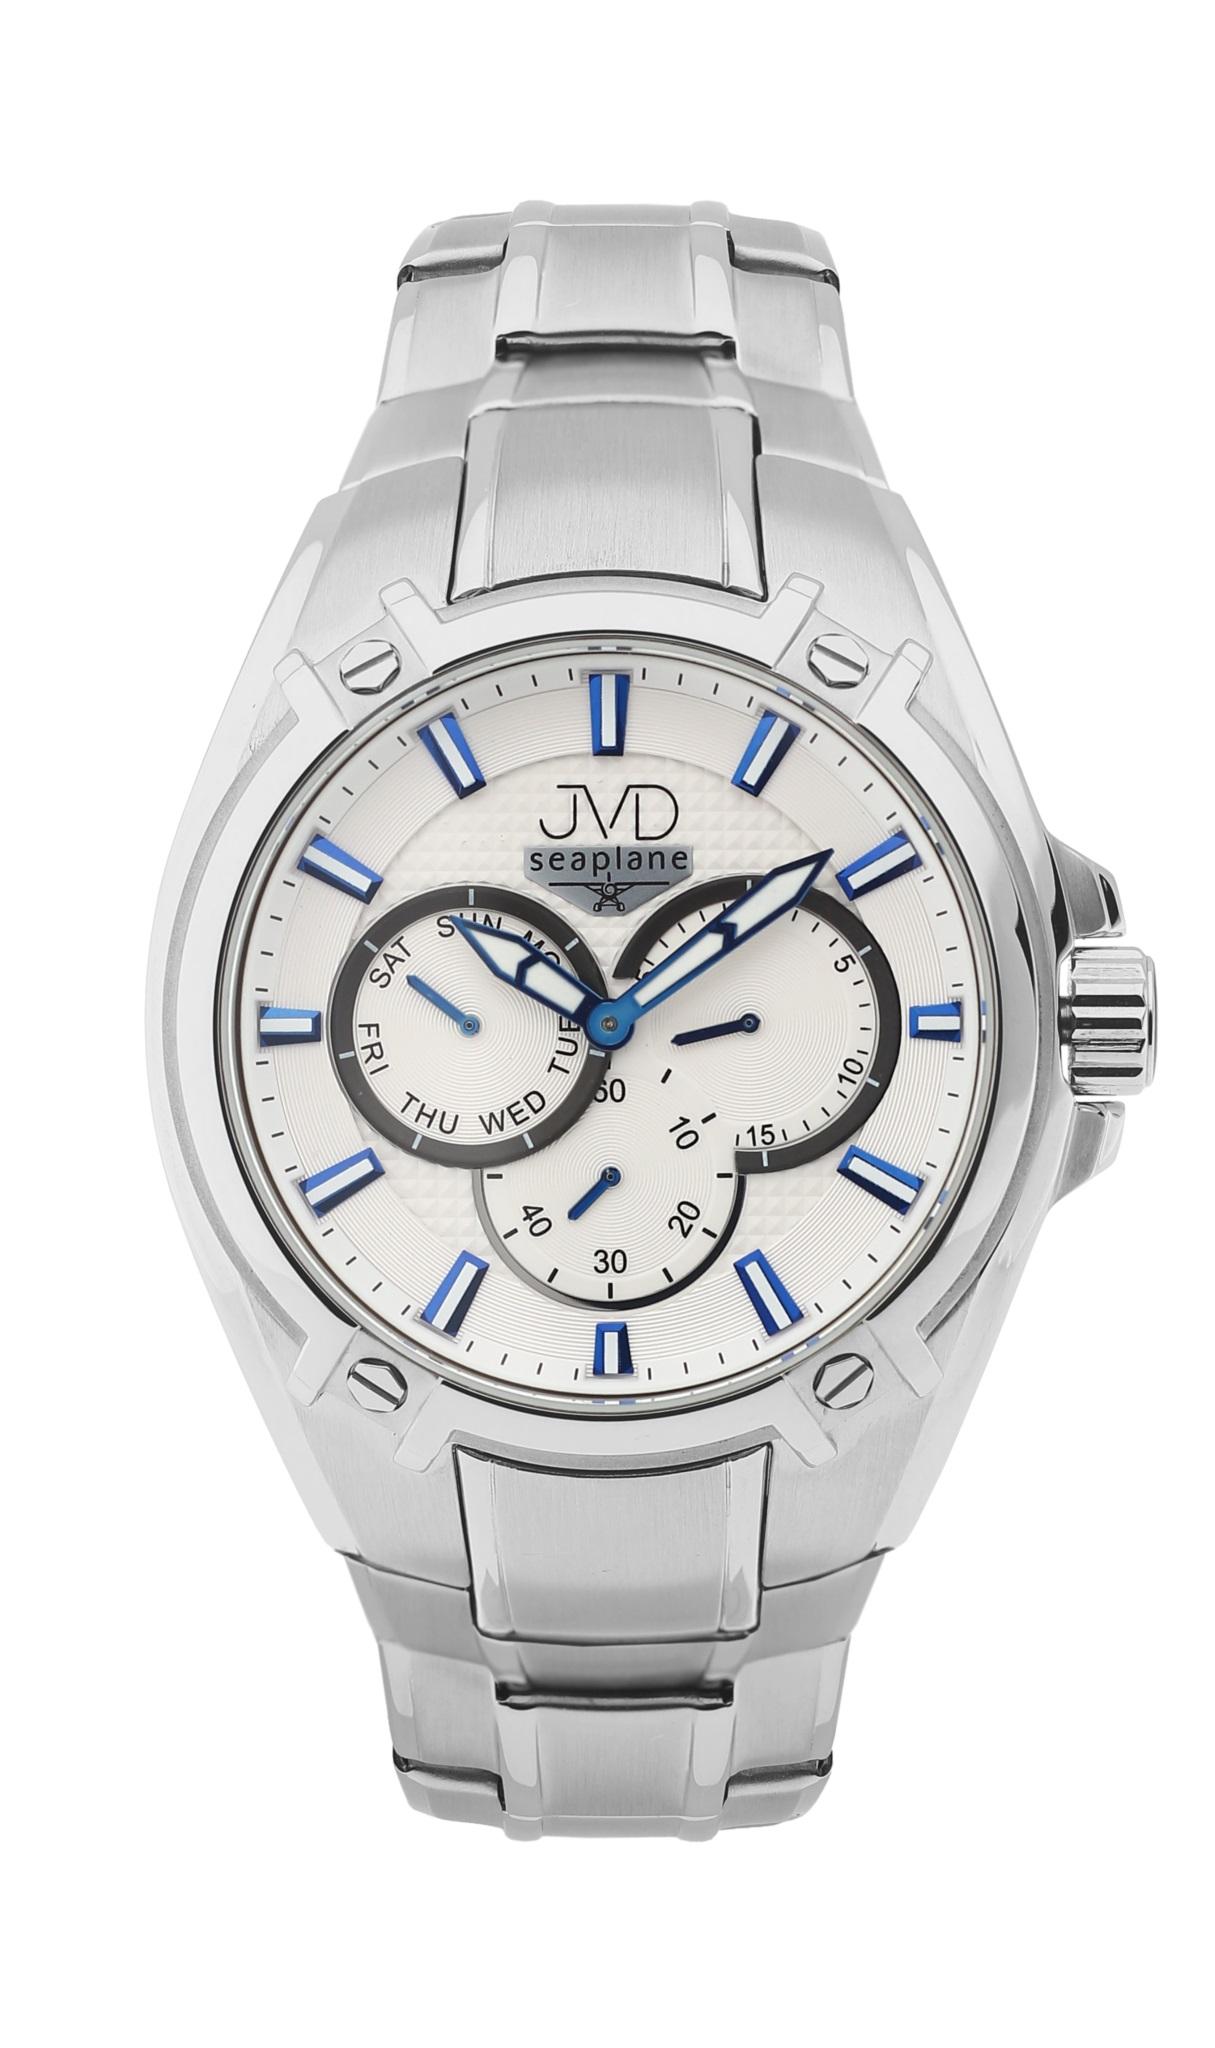 413057b0102 Vysoce odolné vodotěsné chronografy hodinky JVD seaplane F97.1 do extrému